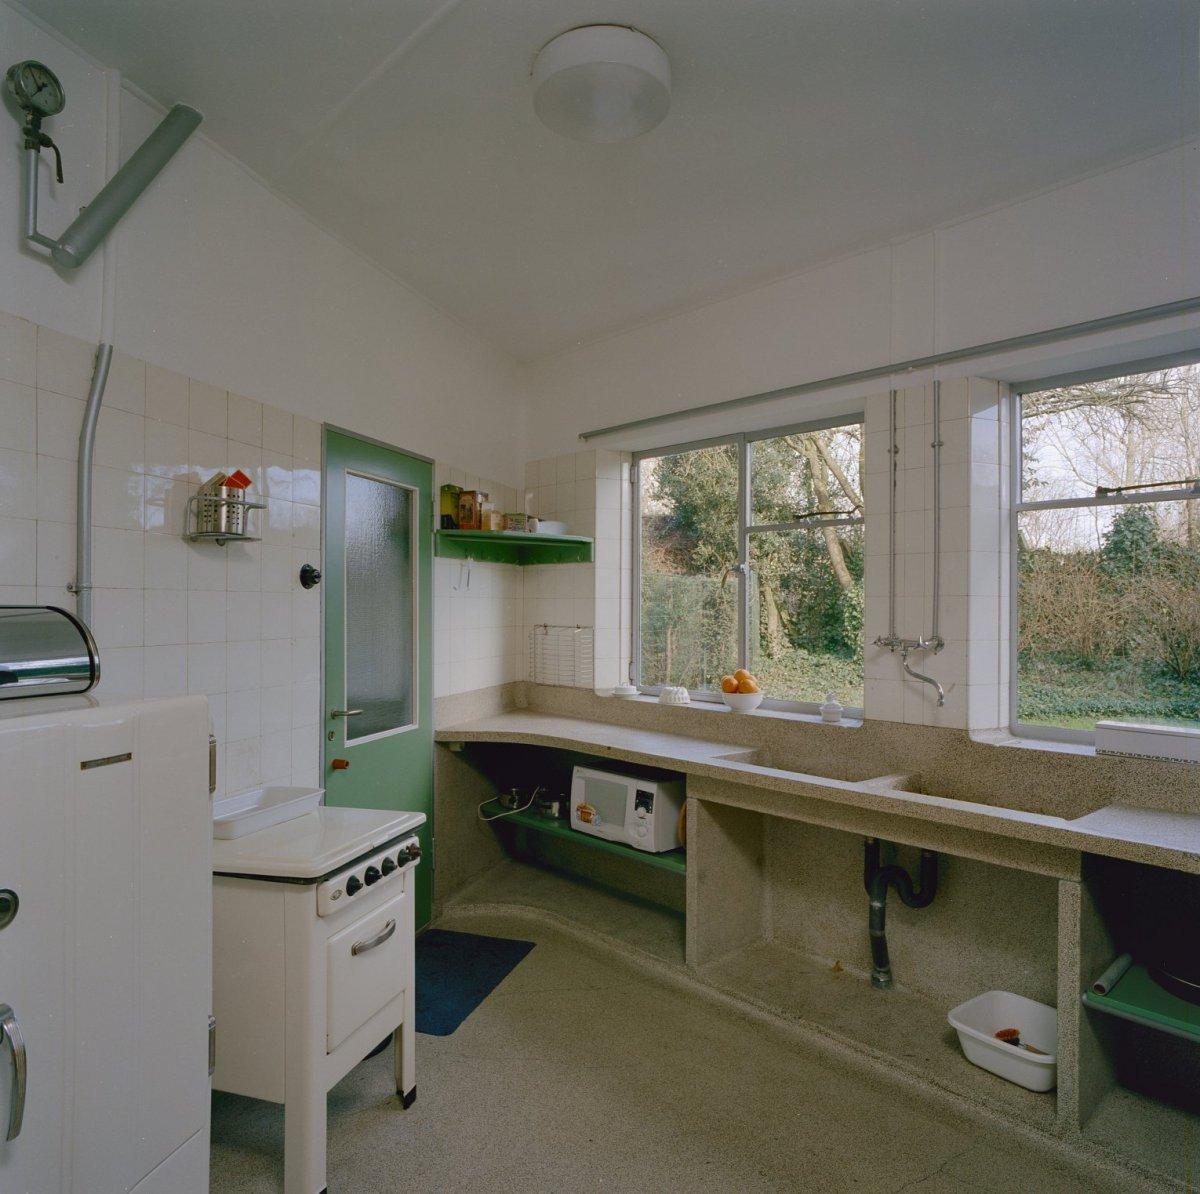 Bestand:Interieur, keuken met terrazzo aanrecht doorlopend in de ...